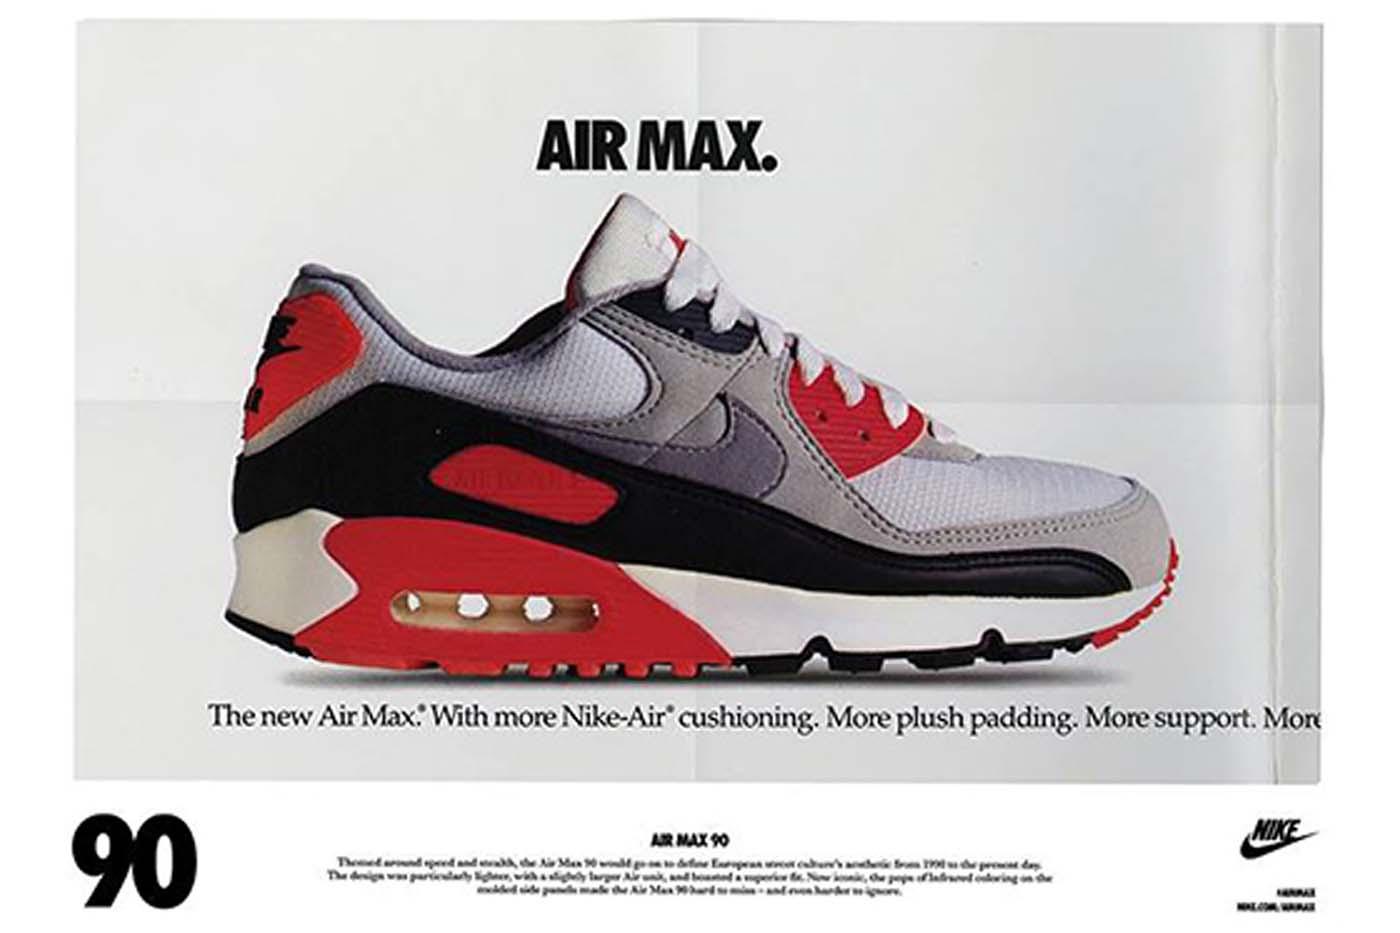 air max 90 history